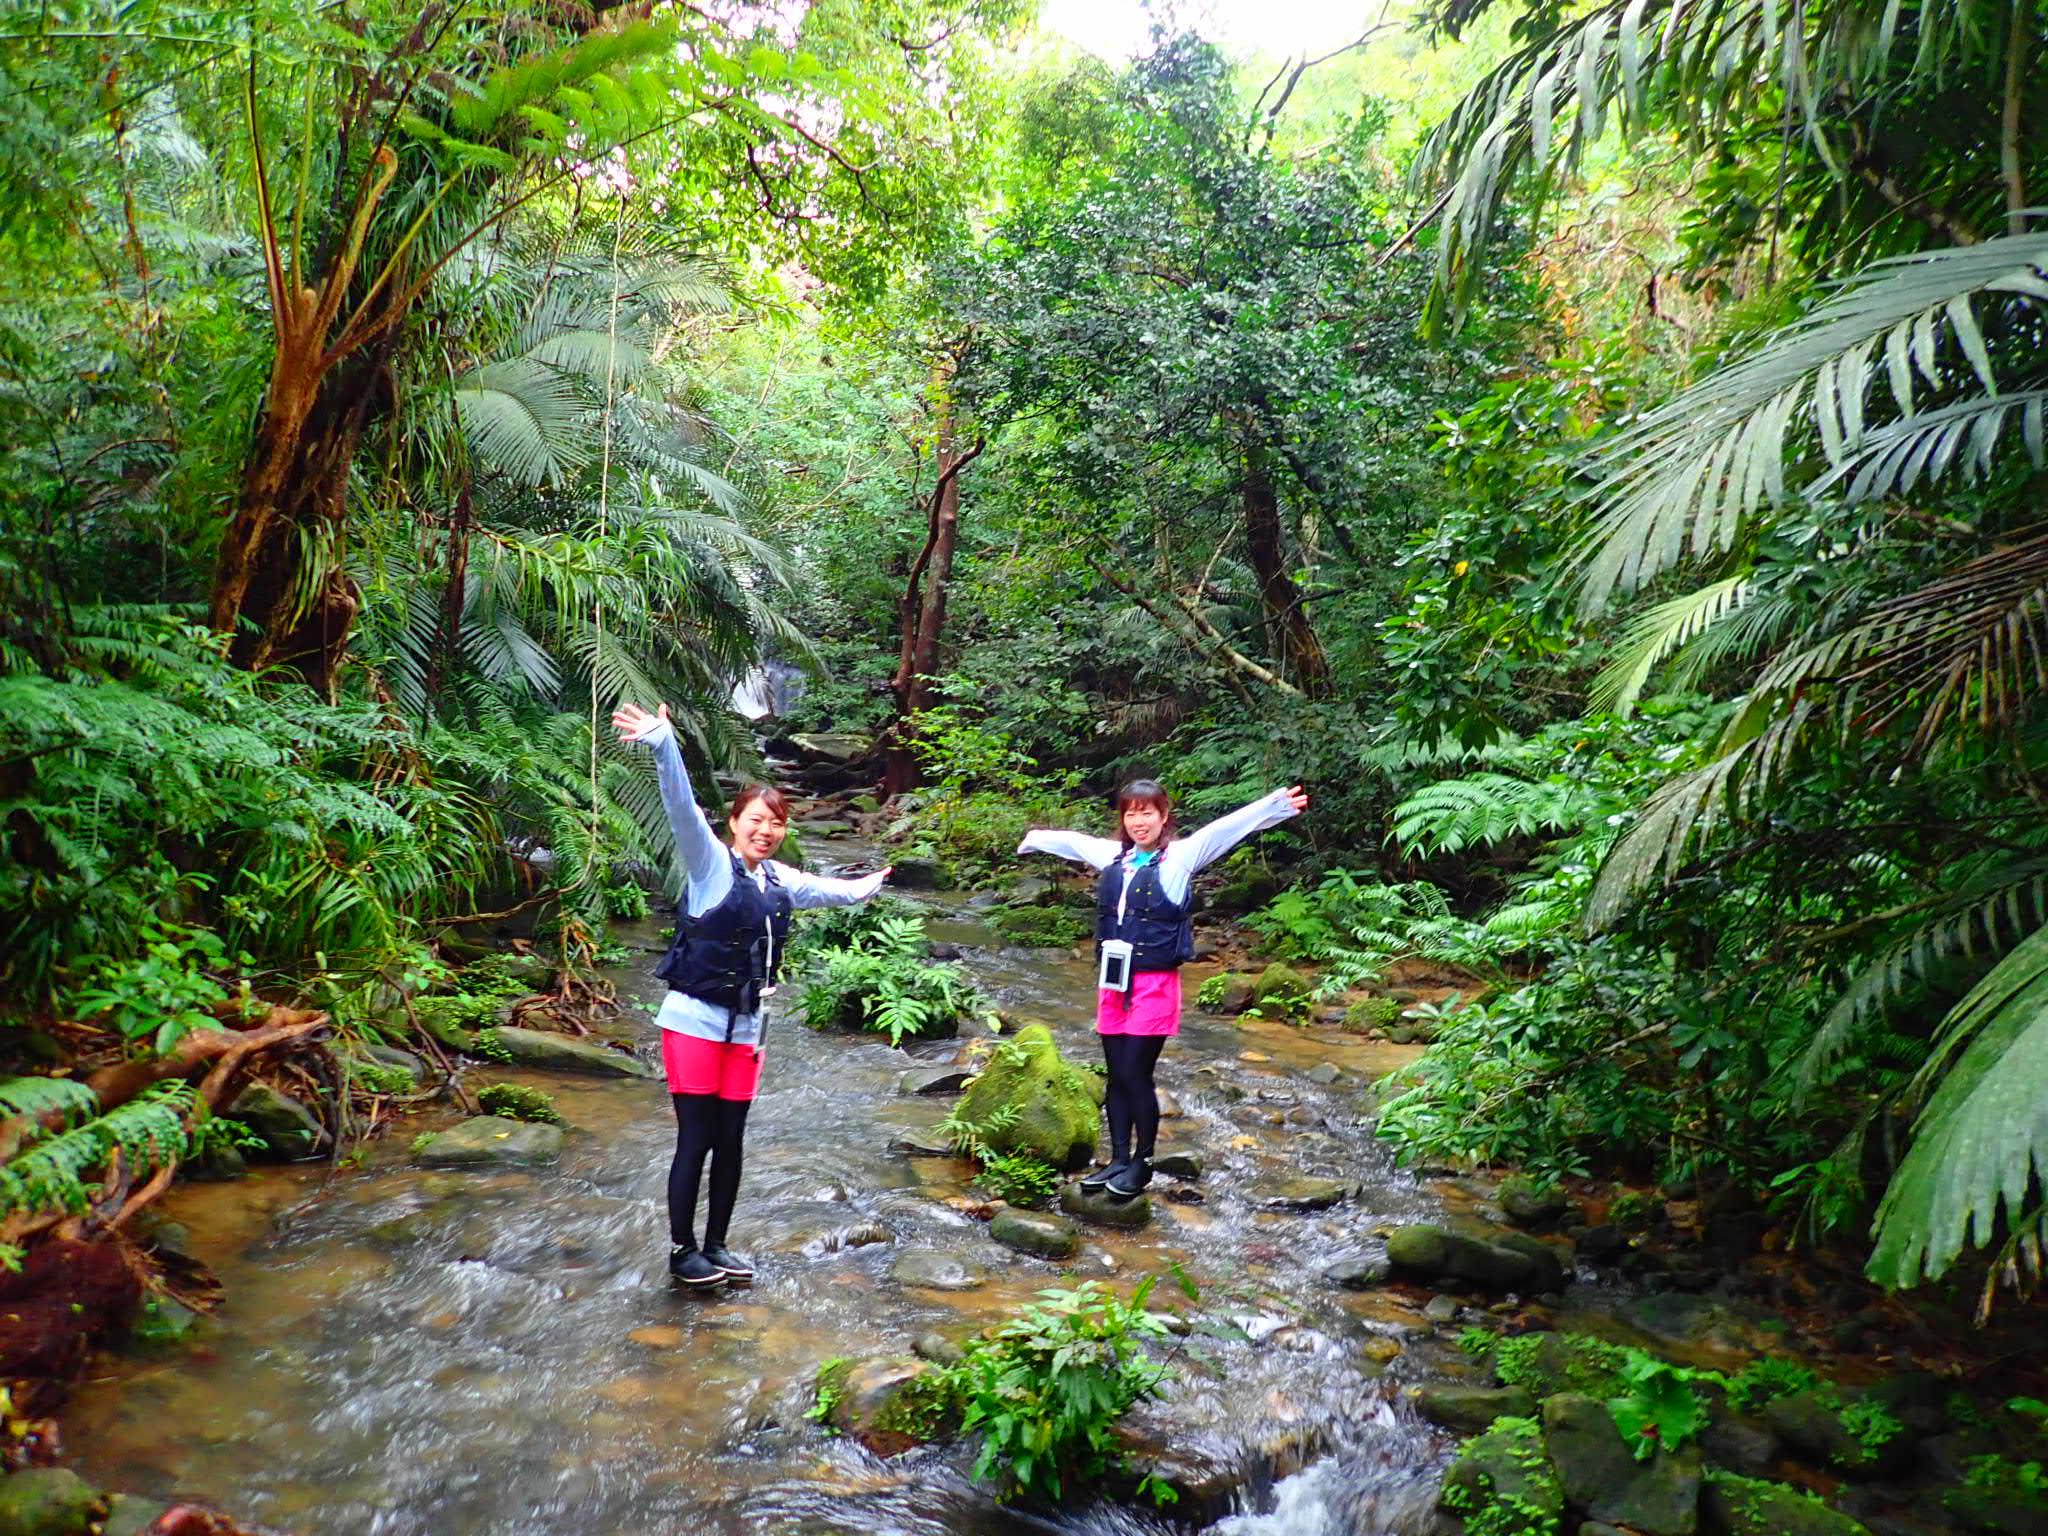 西表島のクーラの滝でトレッキングを楽しむ女性